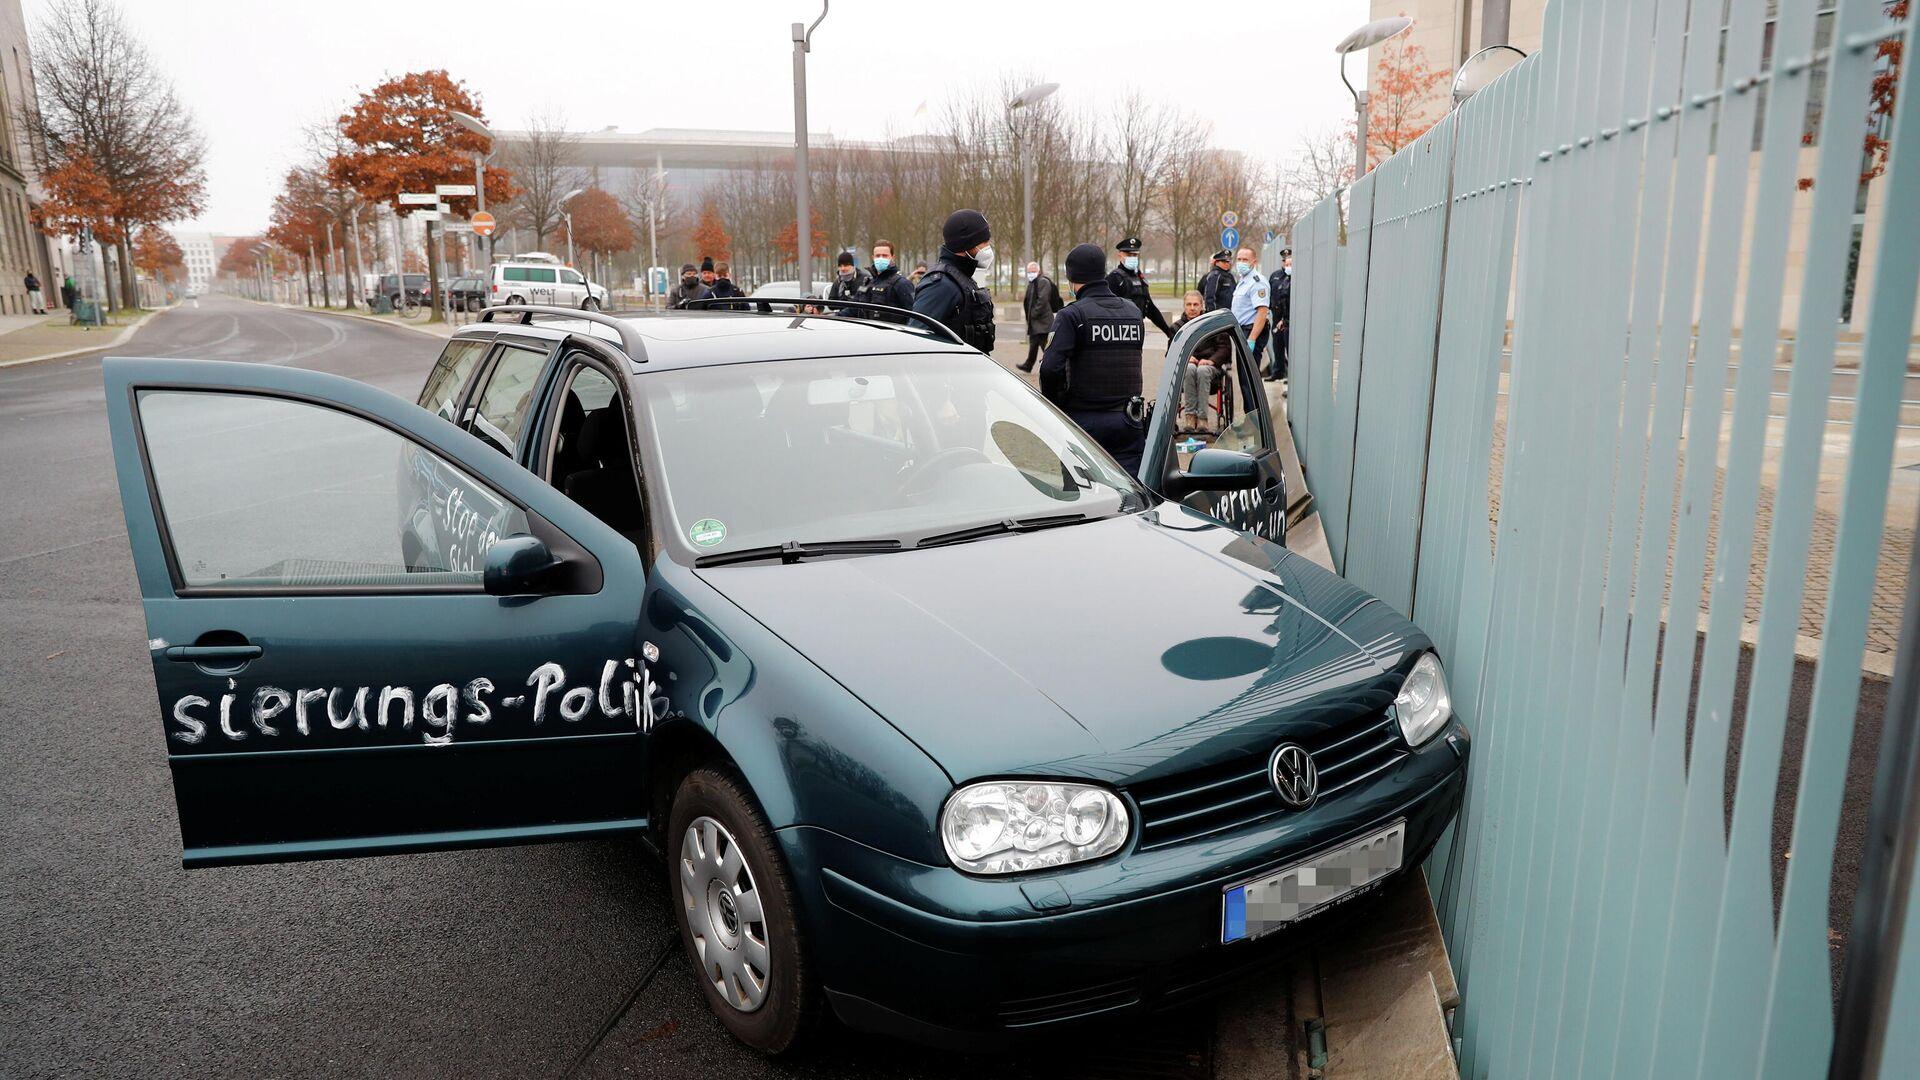 Автомобиль врезался в ворота офиса Ангелы Меркель в центре Берлина - РИА Новости, 1920, 25.11.2020